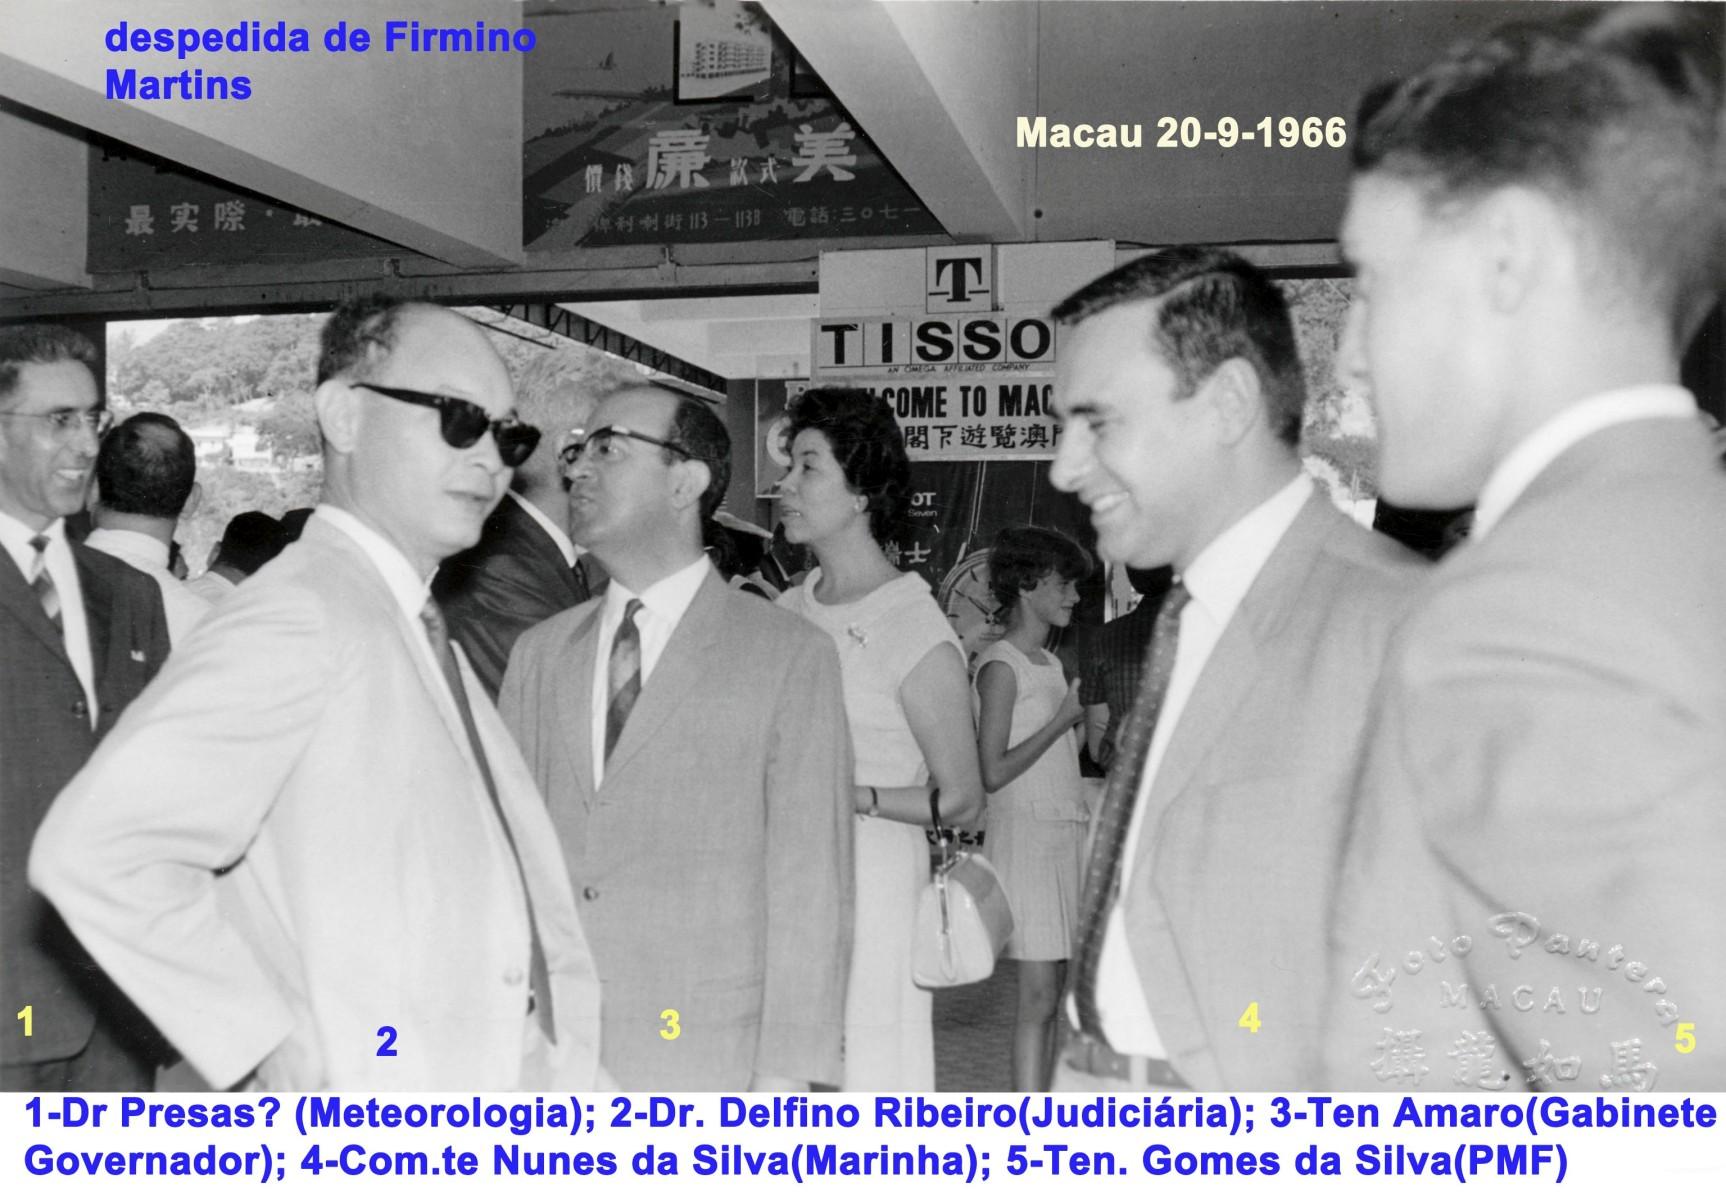 024 66-09-20 despedindo-se de Firmino Martins